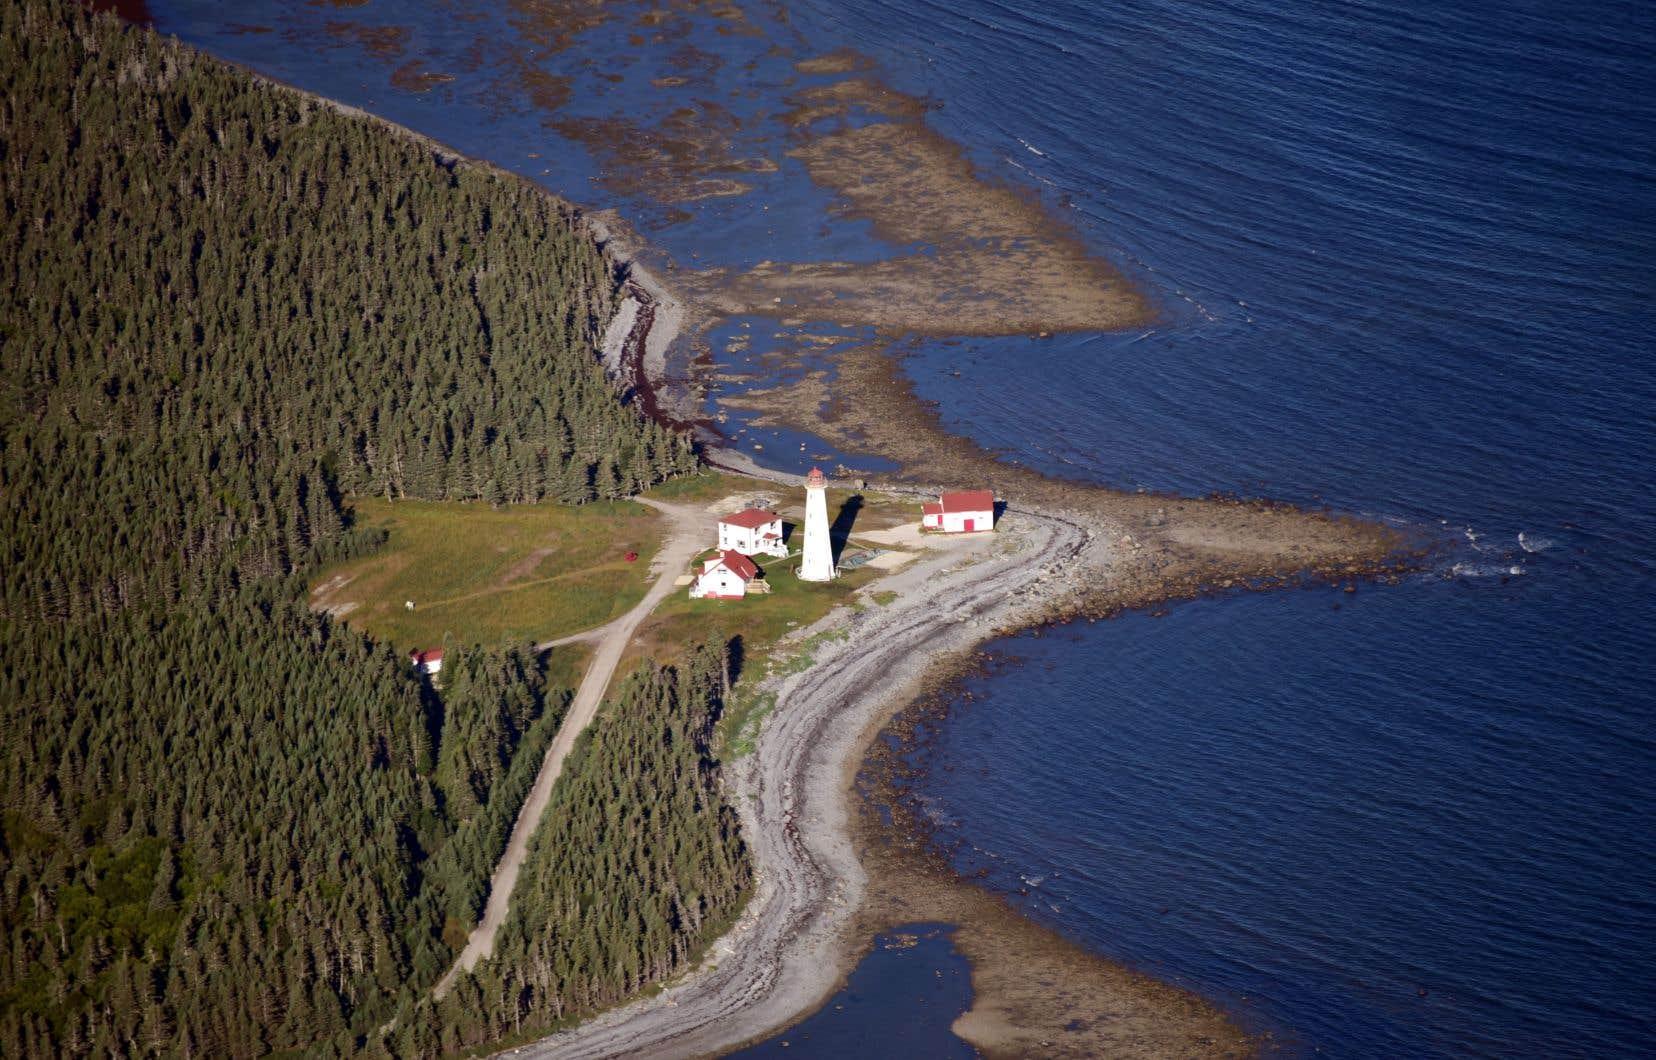 Les chances de voir l'île d'Anticosti accéder à la liste du patrimoine mondiale de l'UNESCO aurait été compromise sans l'ajout d'une bande de protection sur son pourtour.